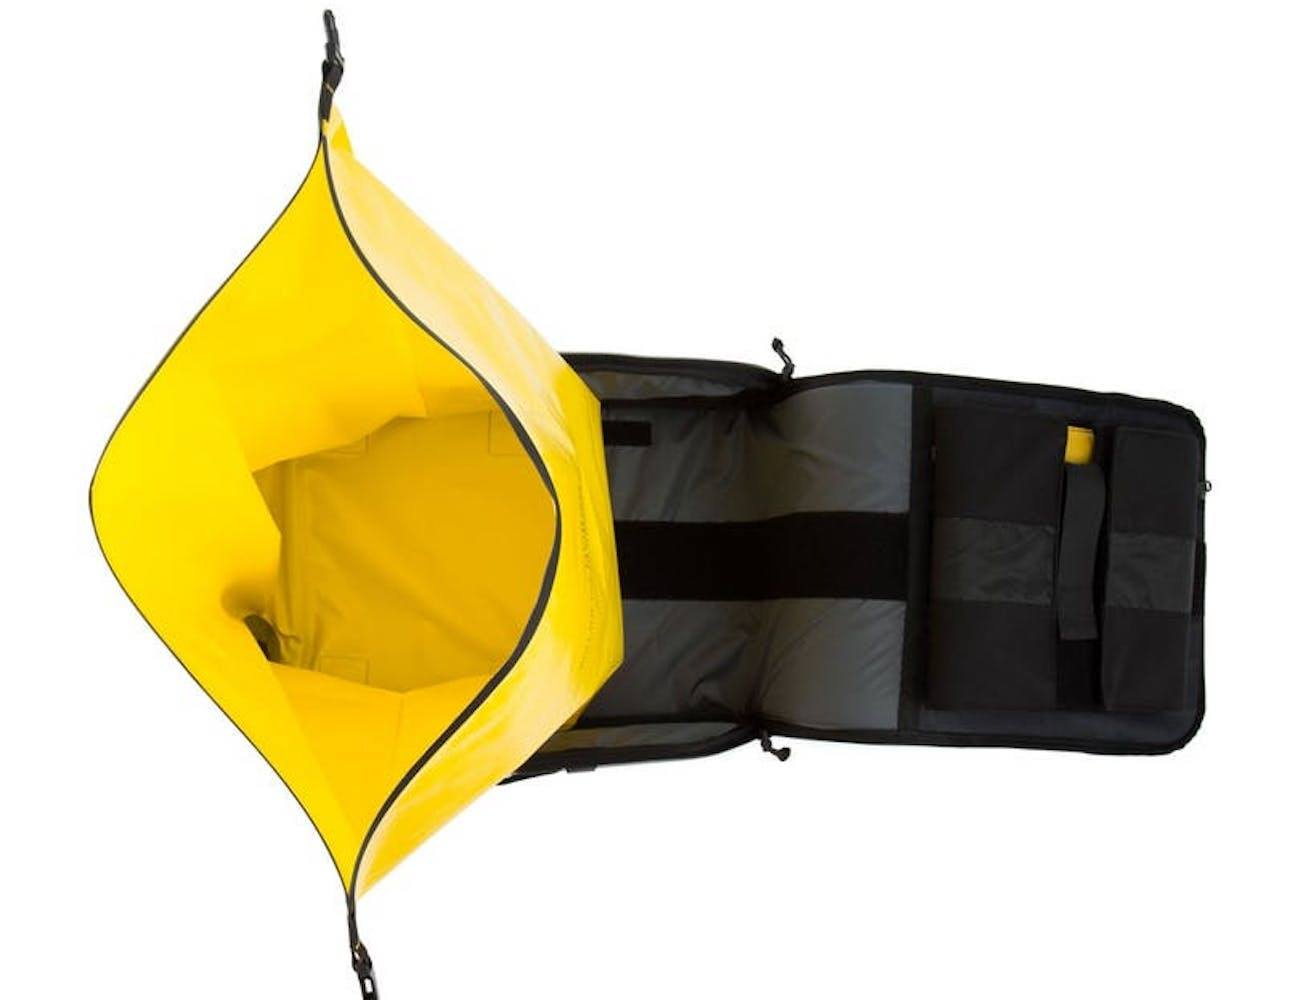 Huckberry GOBAG Roll-Top Compression Bag